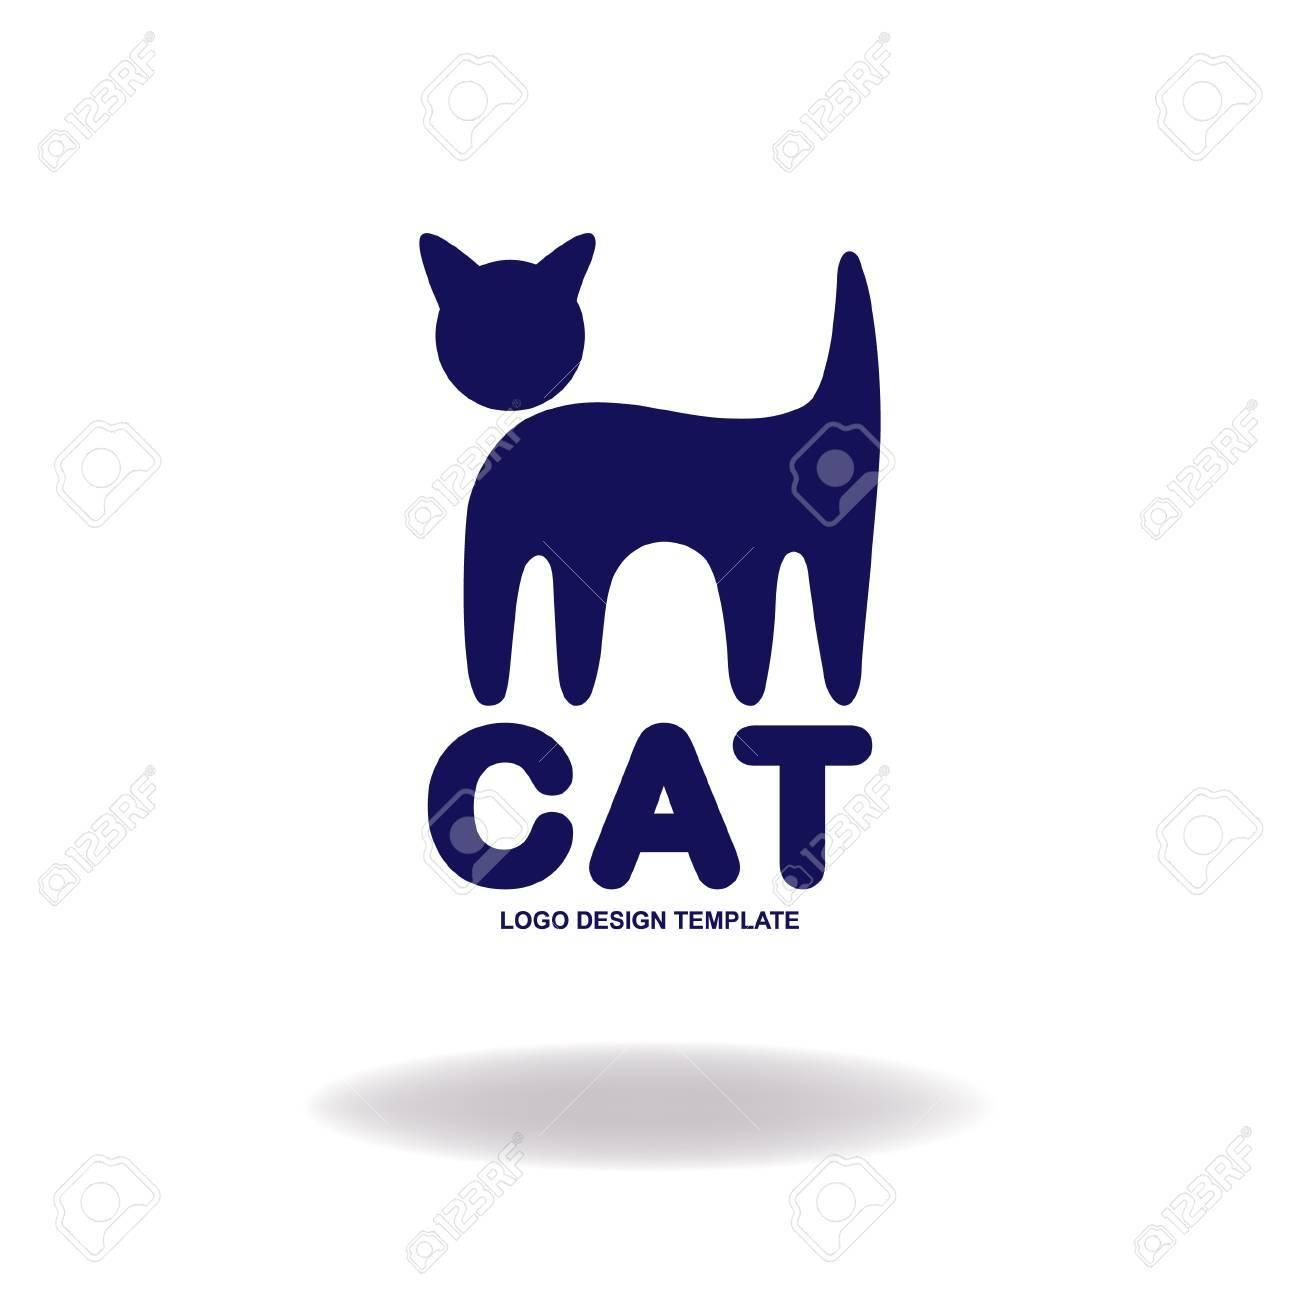 Vettoriale Disegno Del Gatto Gatto Stilizzato Come Modello Di